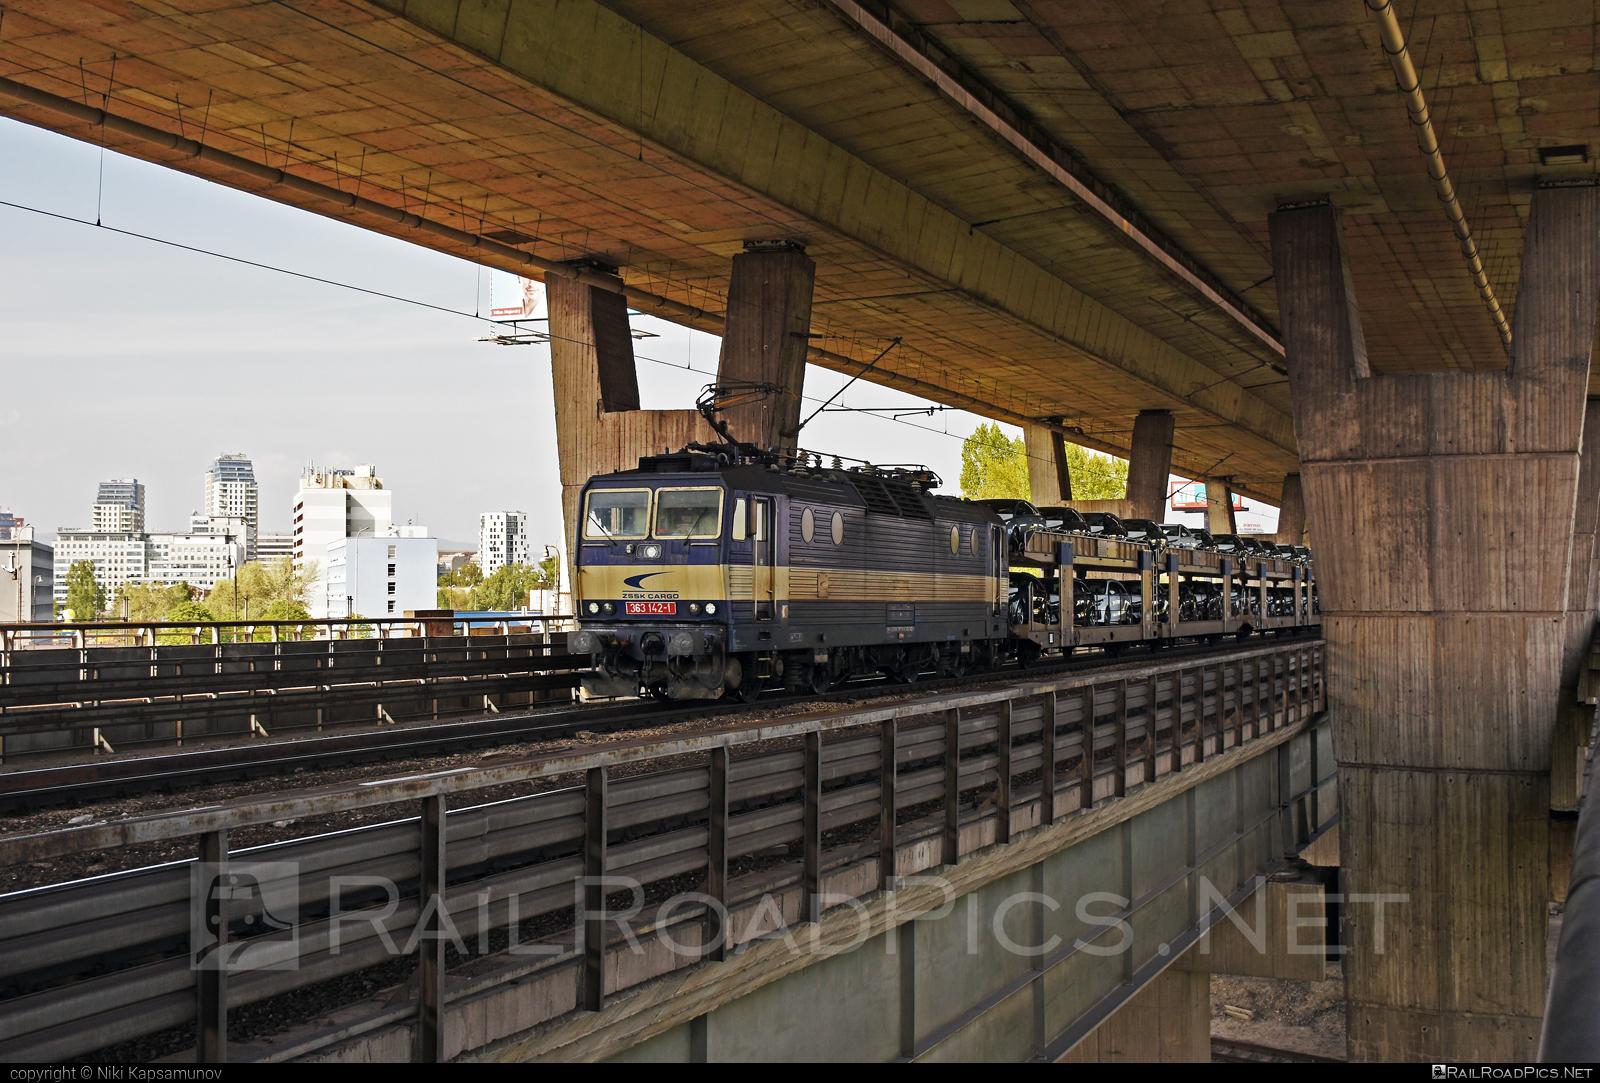 Škoda 69E - 363 142-1 operated by Železničná Spoločnost' Cargo Slovakia a.s. #ZeleznicnaSpolocnostCargoSlovakia #carcarrierwagon #es4991 #eso #locomotive363 #skoda #skoda69e #zsskcargo